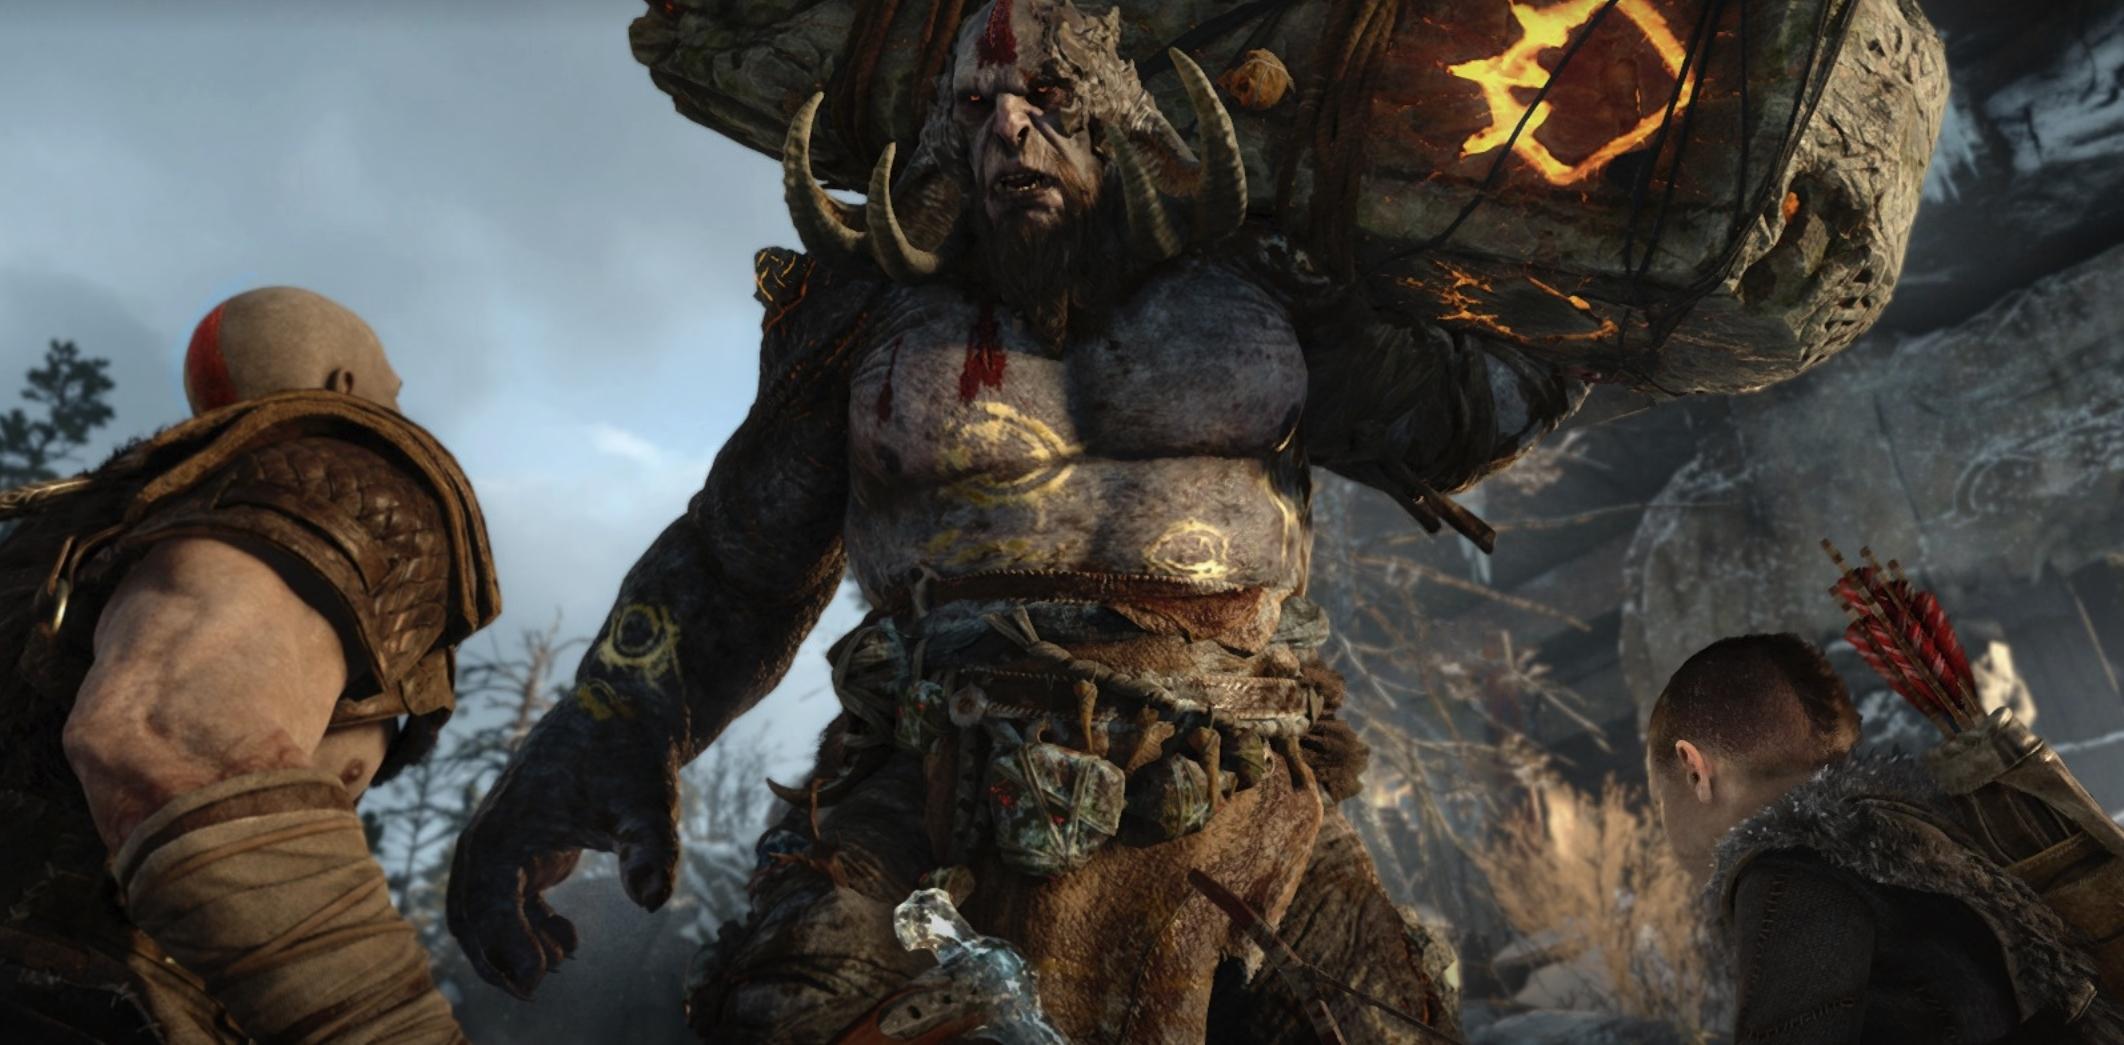 Har du vært borti de andre spillene i serien er du vant til store monstre du aldri har sett maken til før. Så er også tilfellet med God of War.